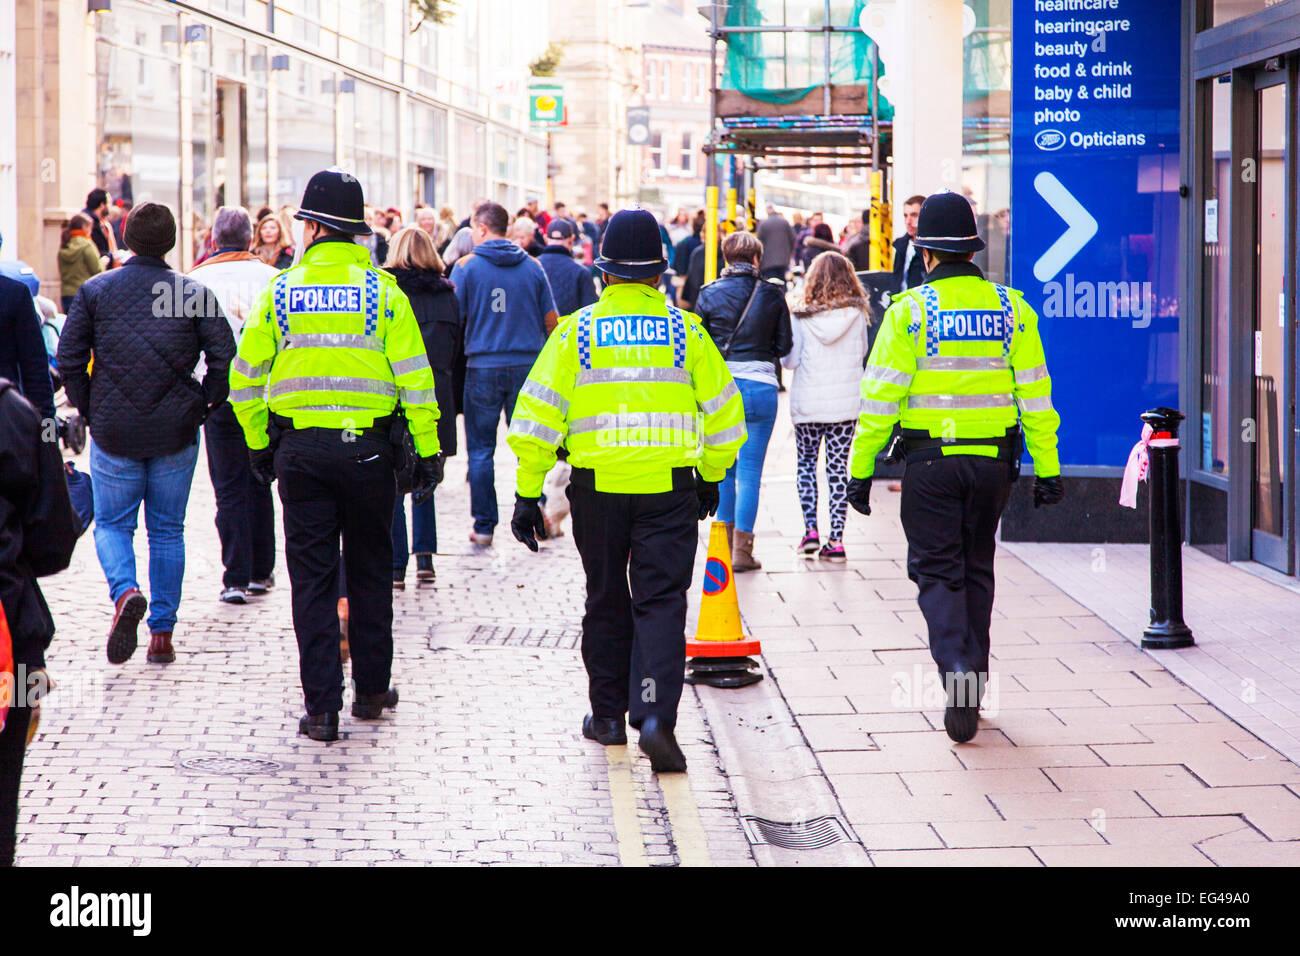 Polizei Präsenz drei Cops auf beat Patrol hinter patrouillieren Straße Straßen zu Fuß von York Stockbild